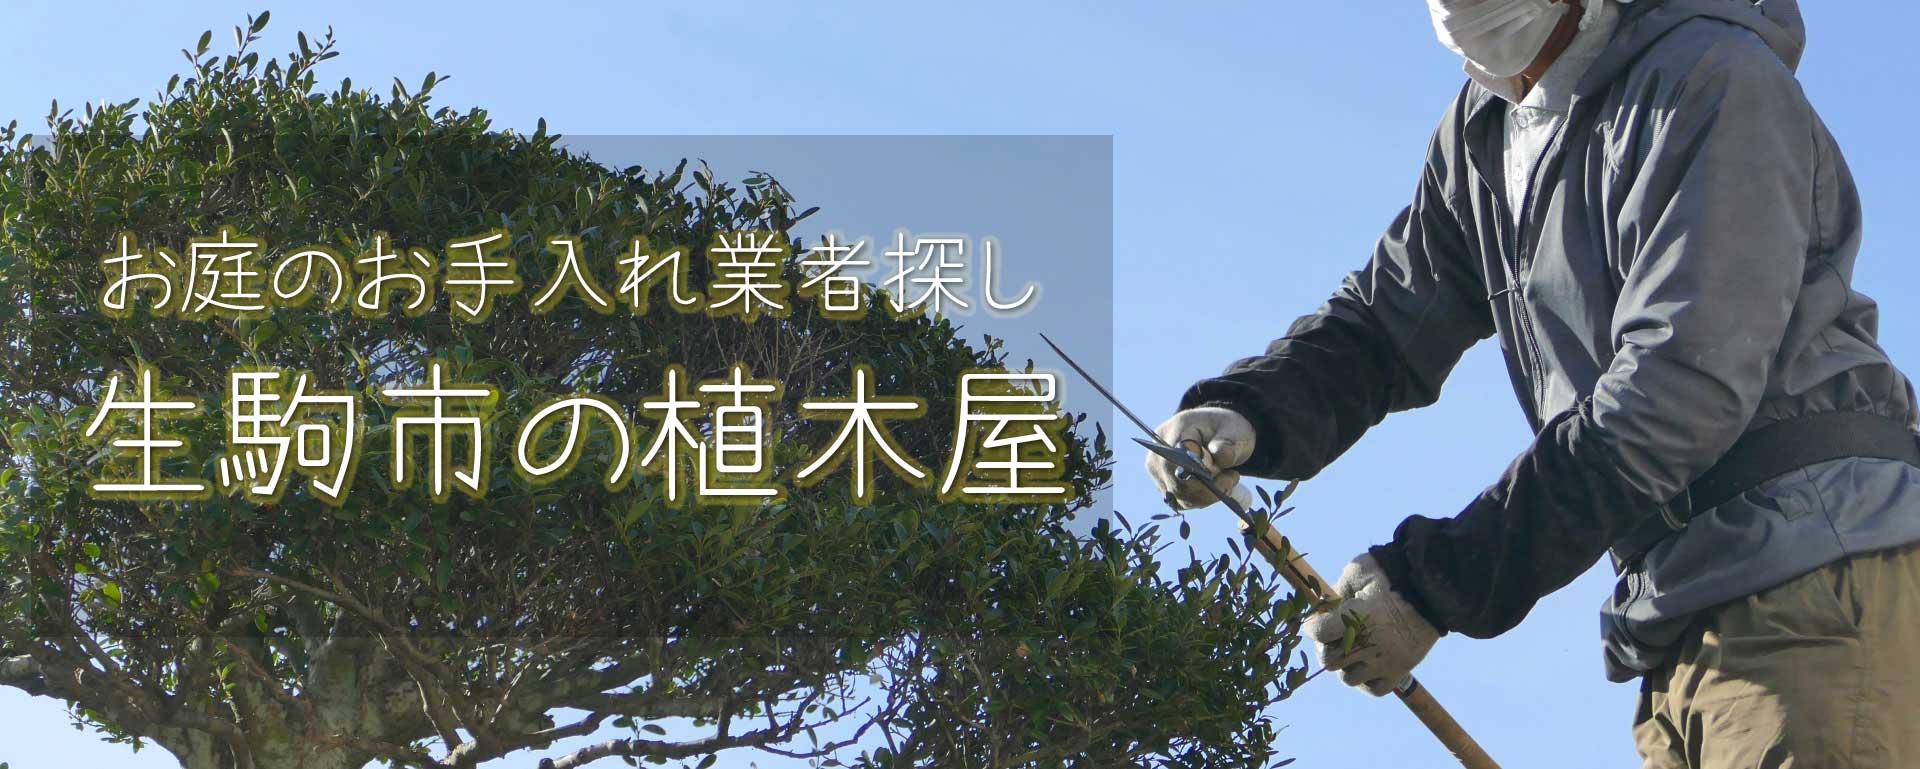 見積り無料で生駒市の植木屋